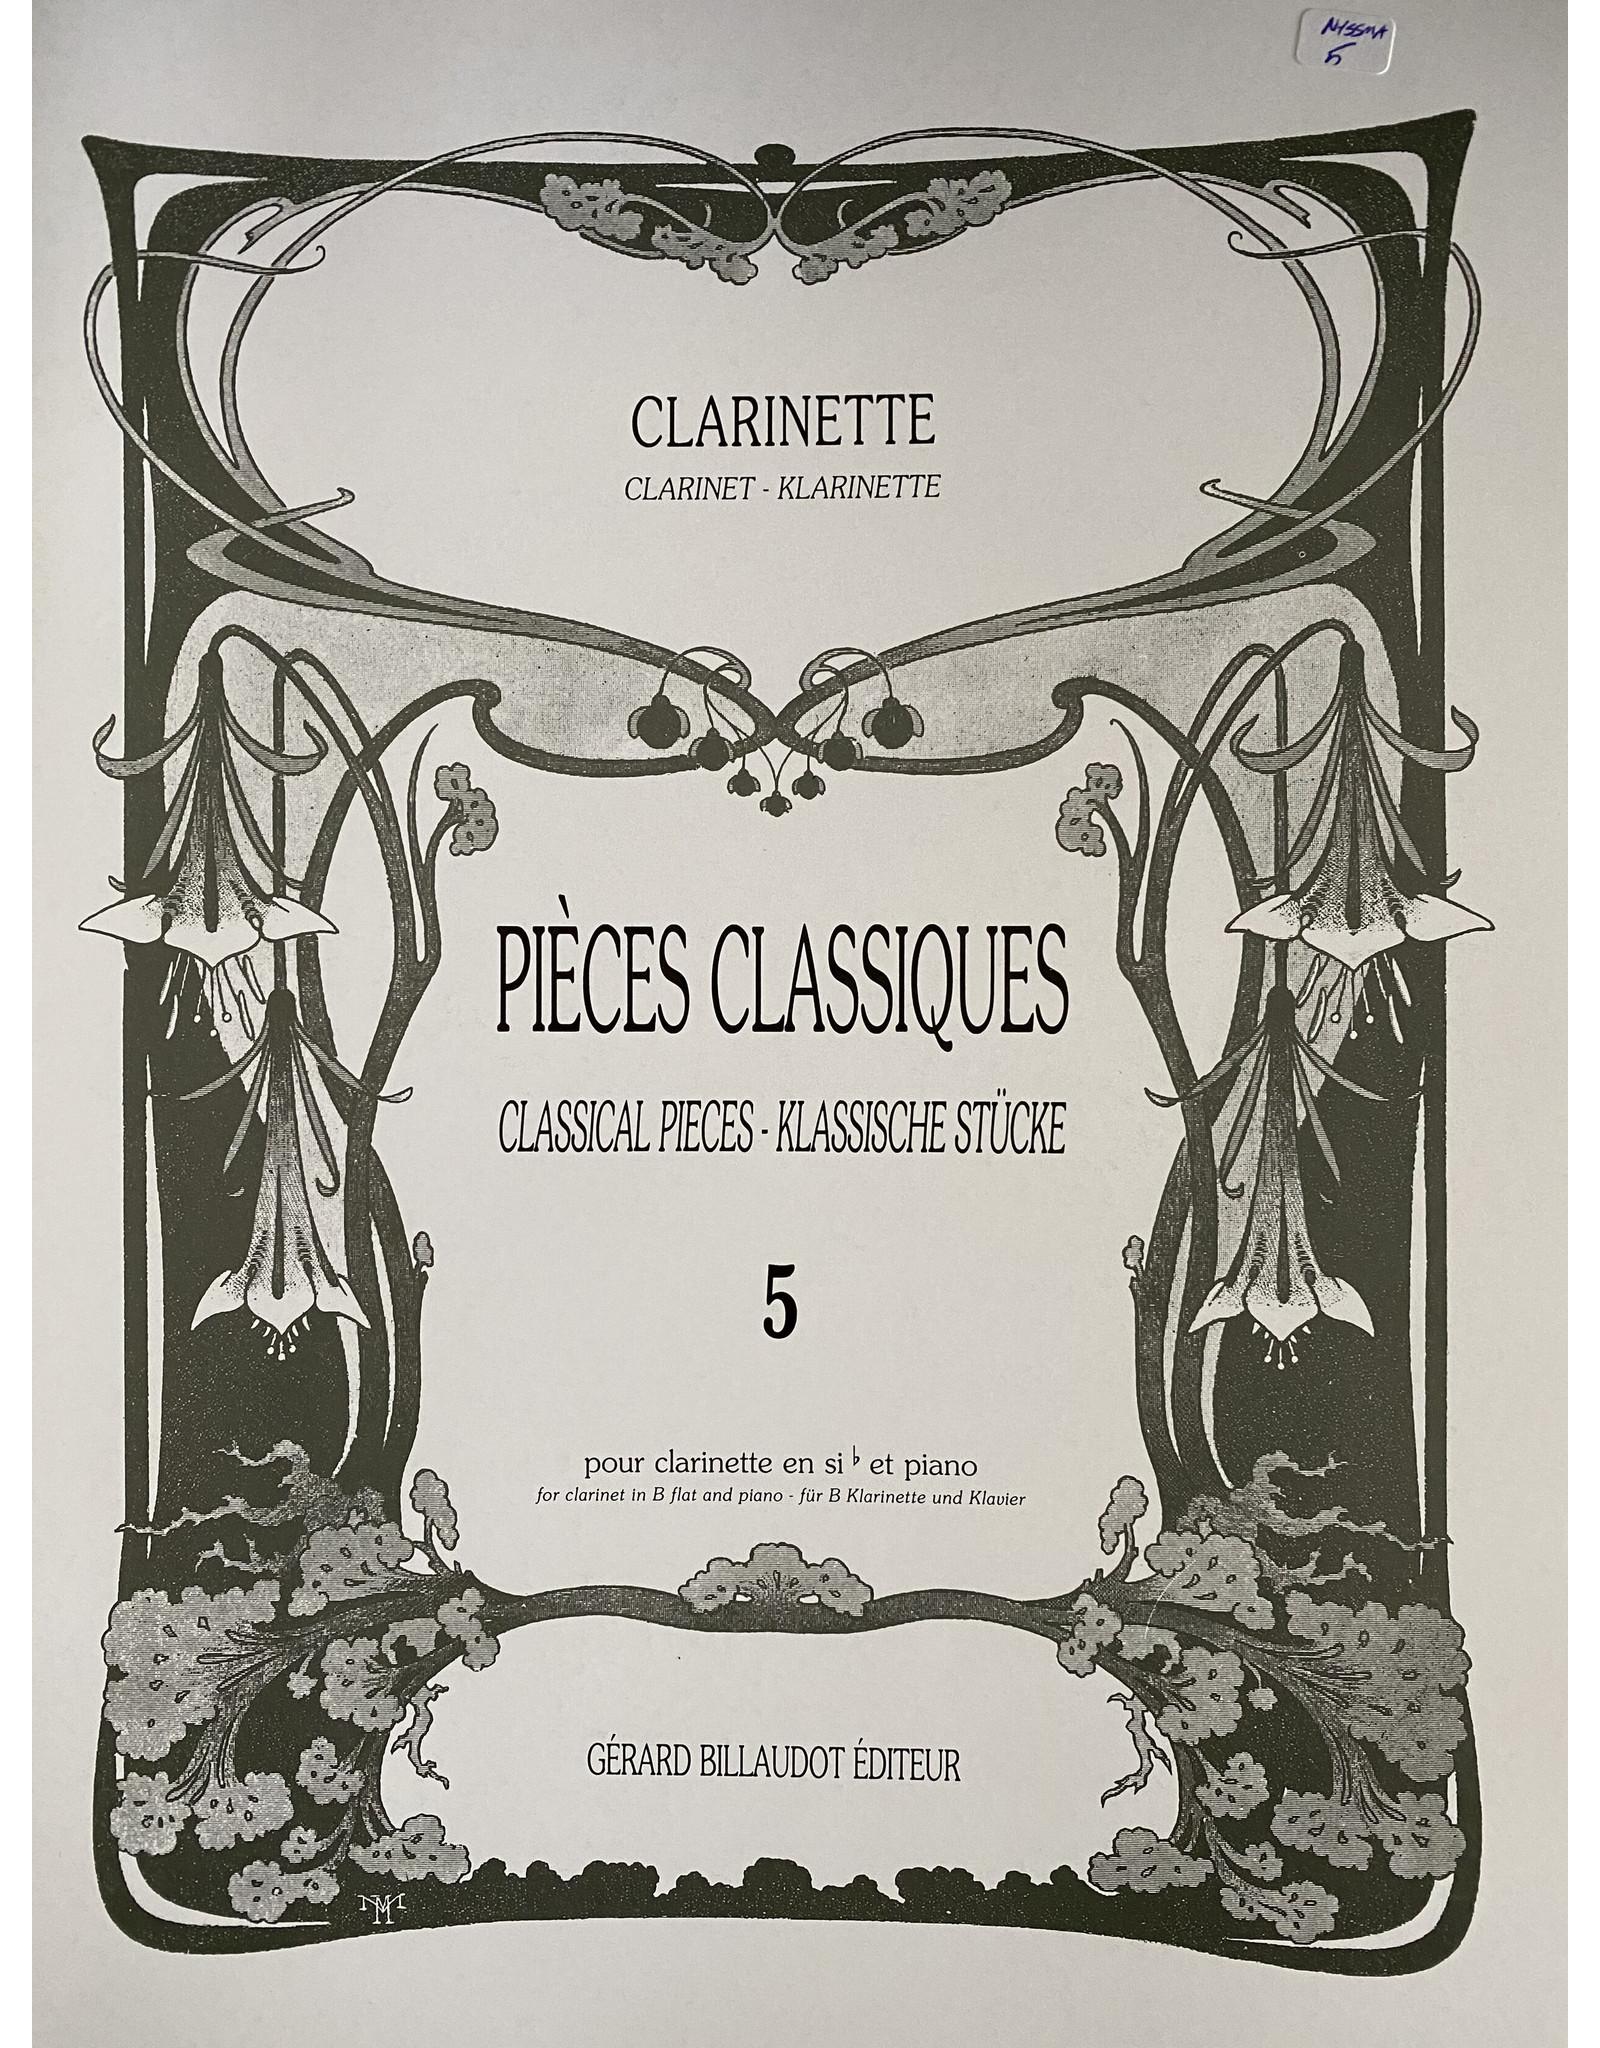 Gerard Billaudot Editeur Pieces Classiques Vol.5 Clarinet, Piano - Various